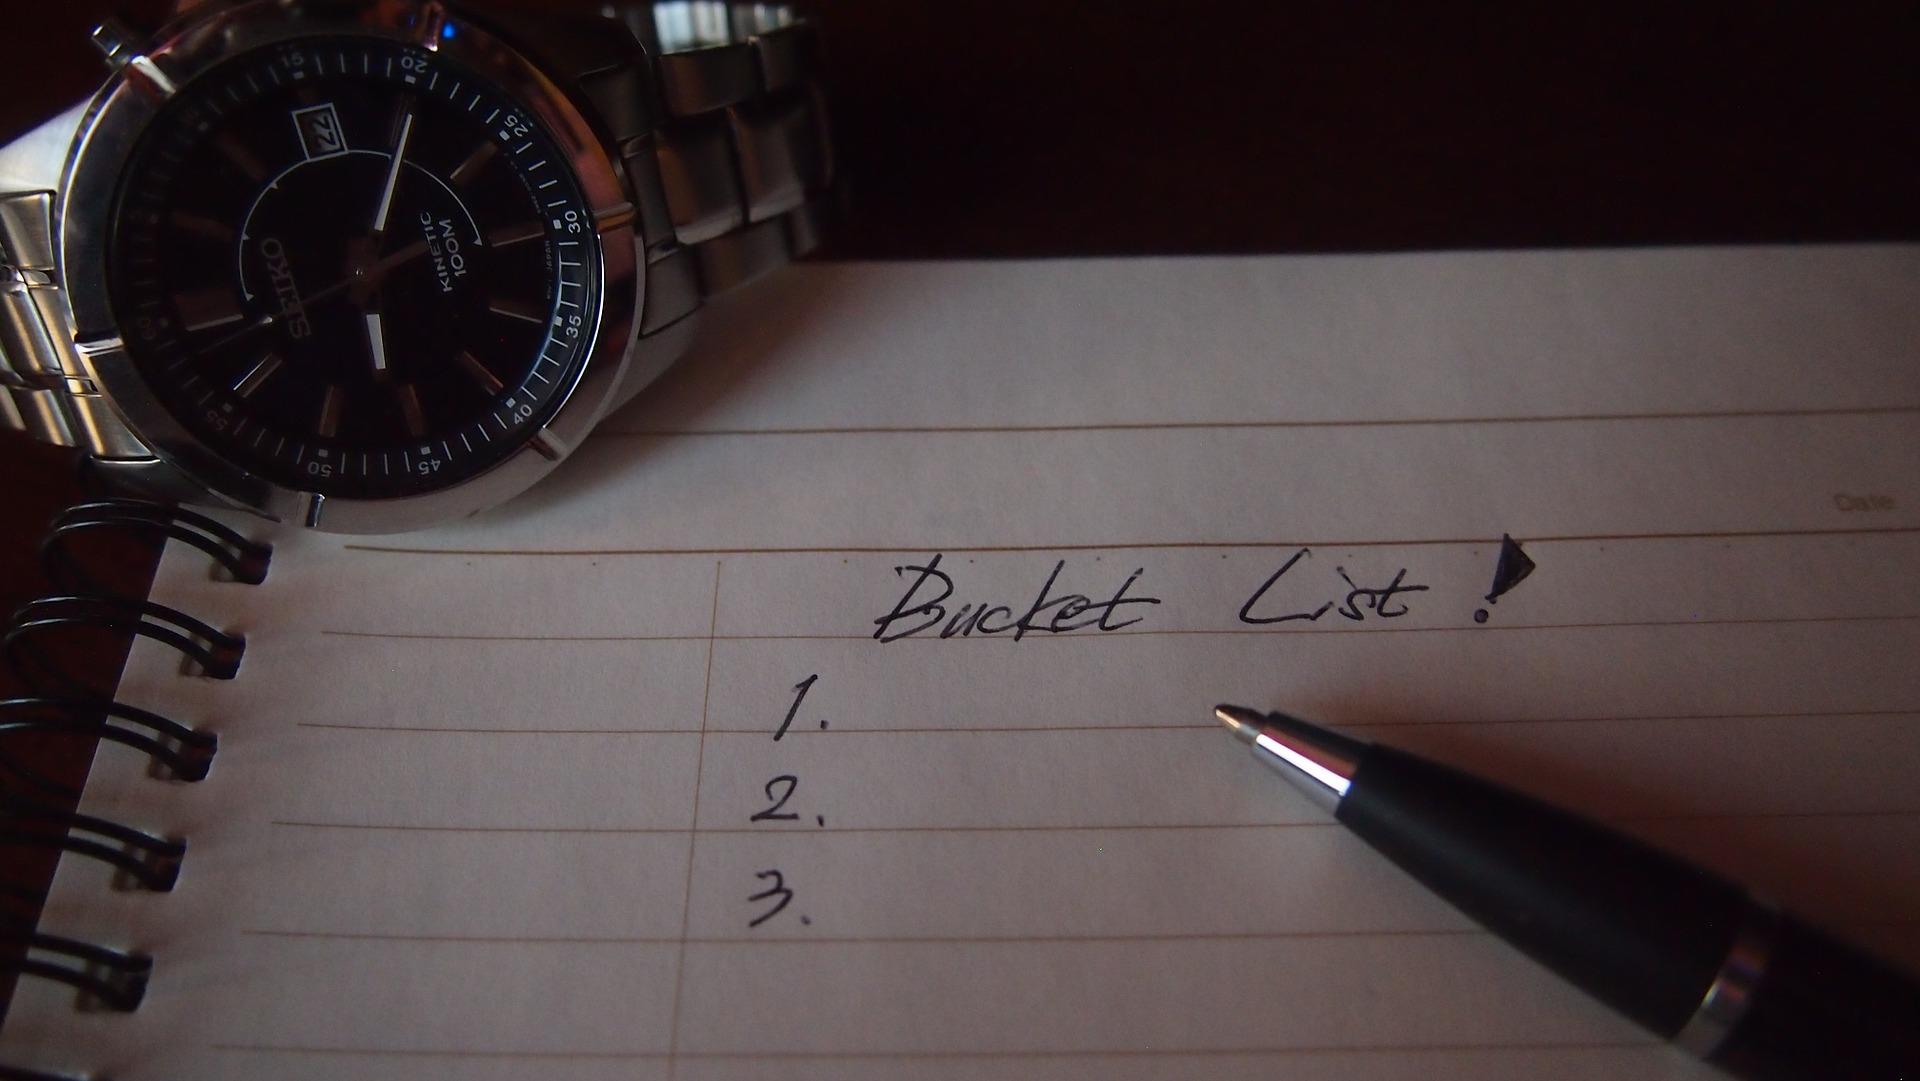 バケットリストが思いつかないときに知っておきたいやりたいことの考え方